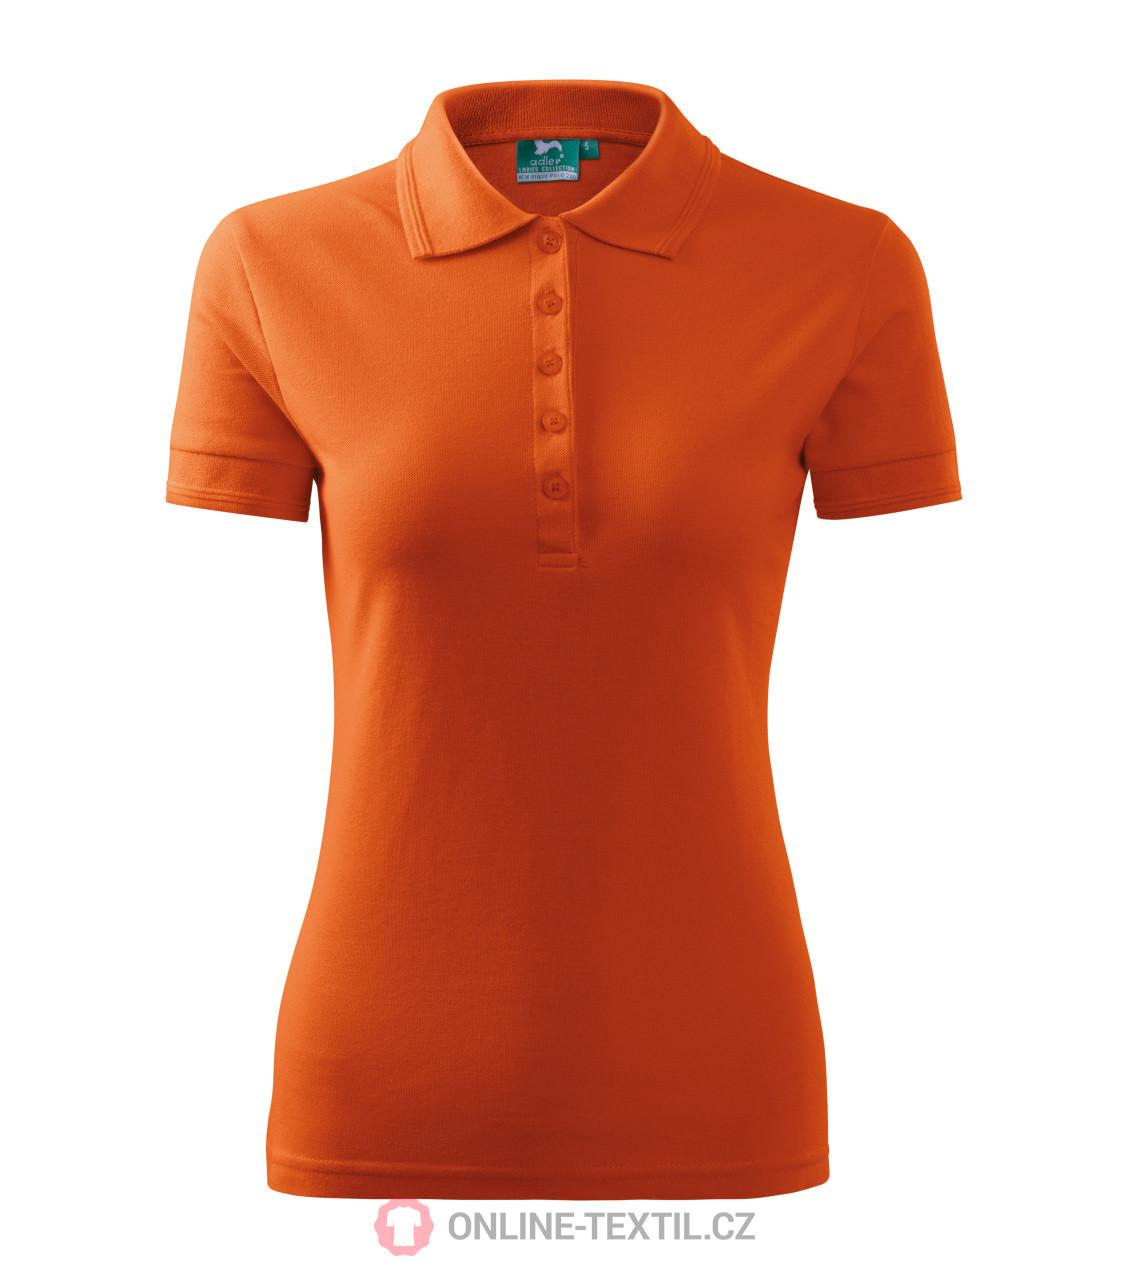 e686adfe3ebf ADLER CZECH Polokošele dámske Pique Polo 21X - oranžová z kolekcie ...